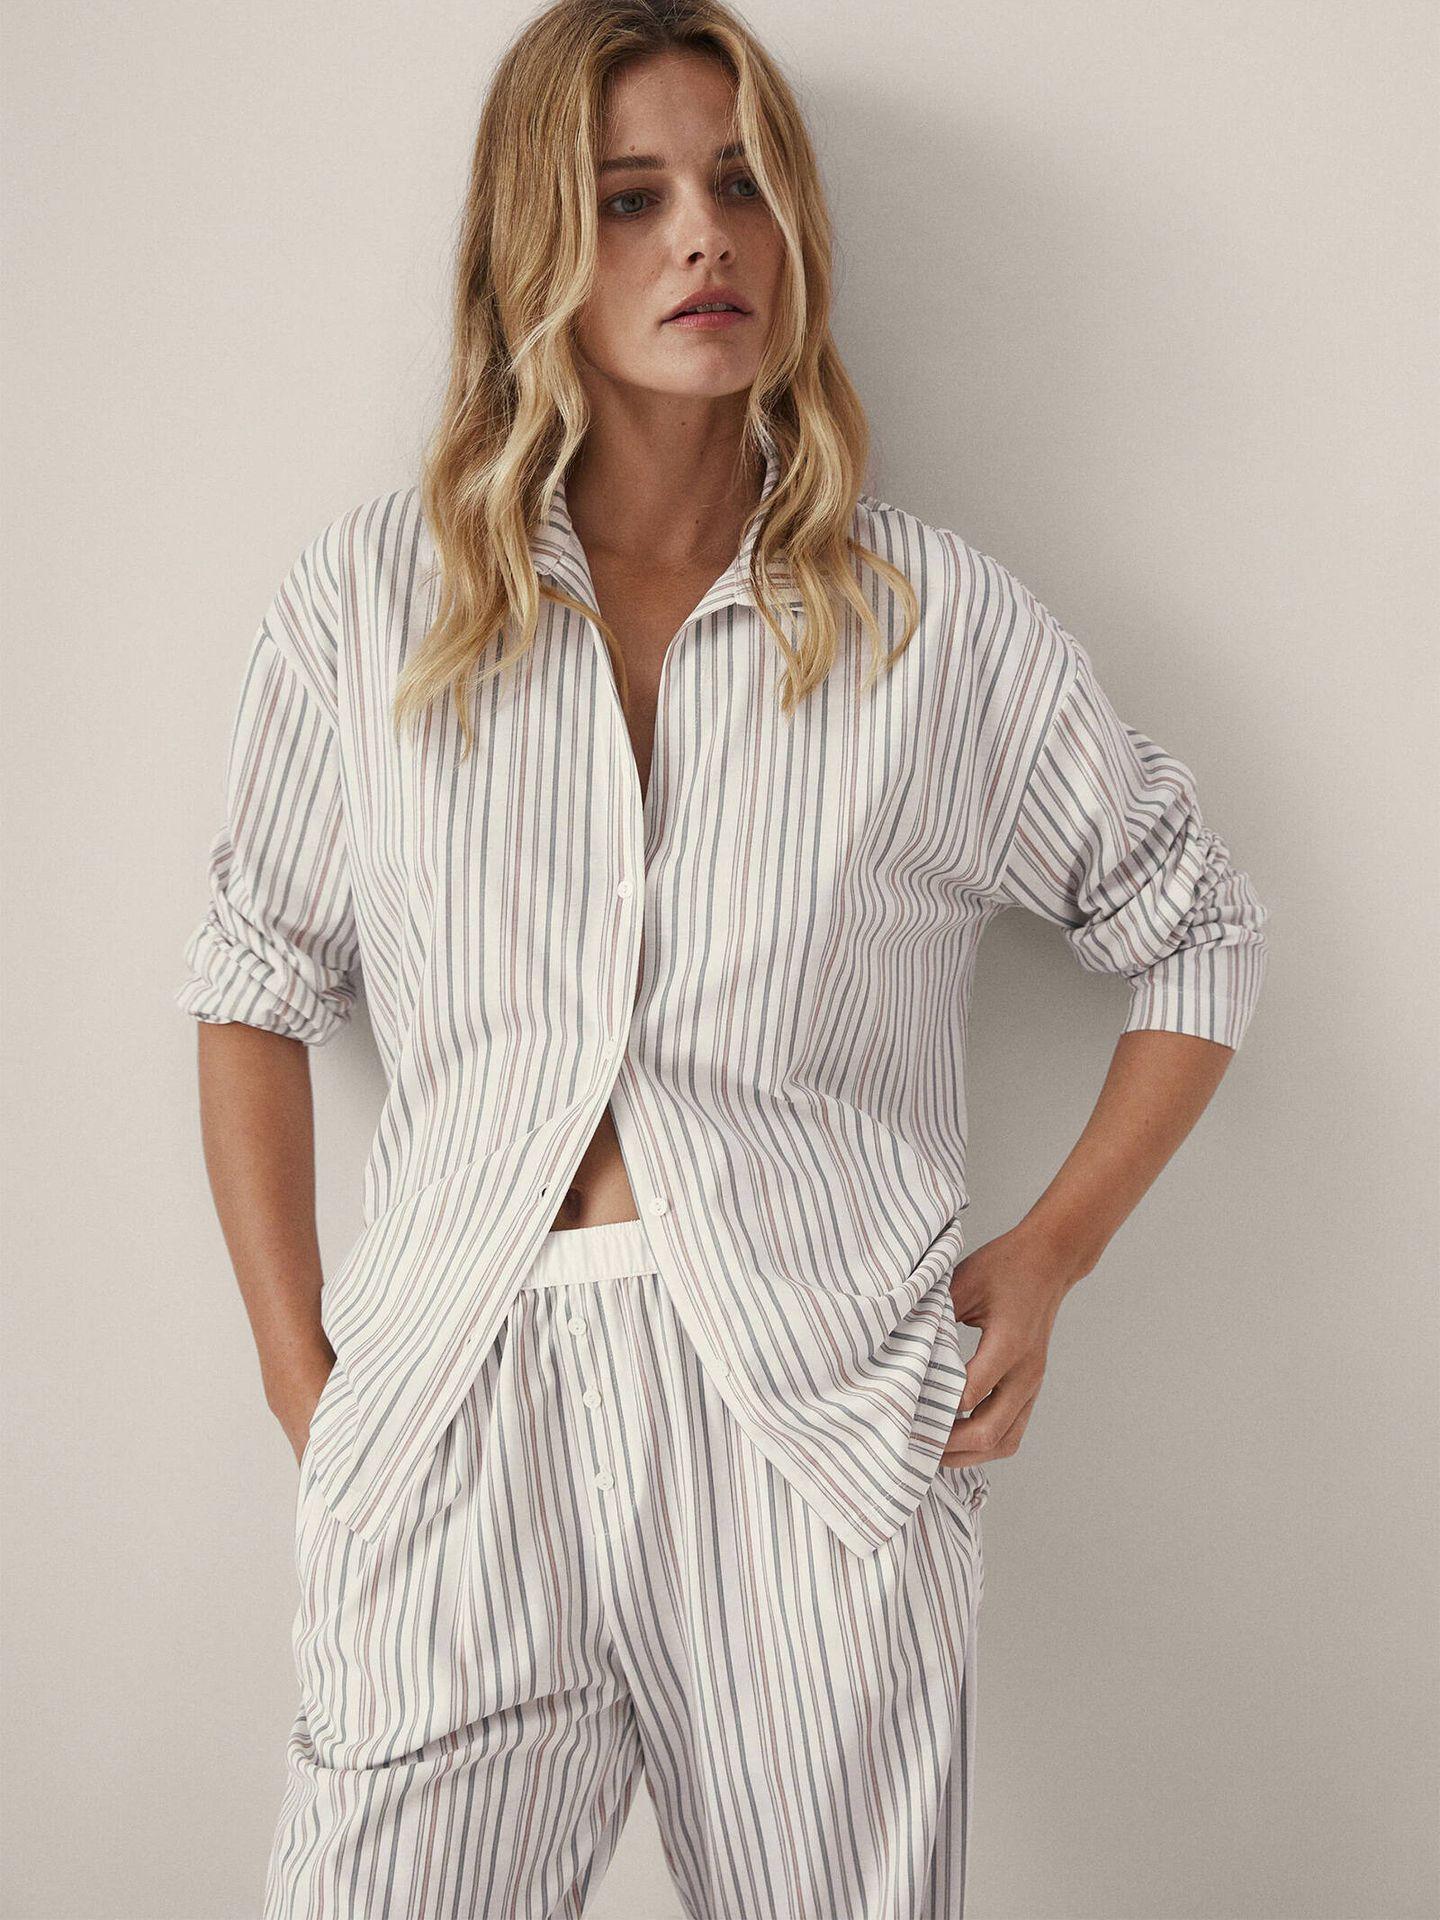 Conjunto de pijama de la nueva sección de lencería y homewear de Massimo Dutti. (Cortesía)